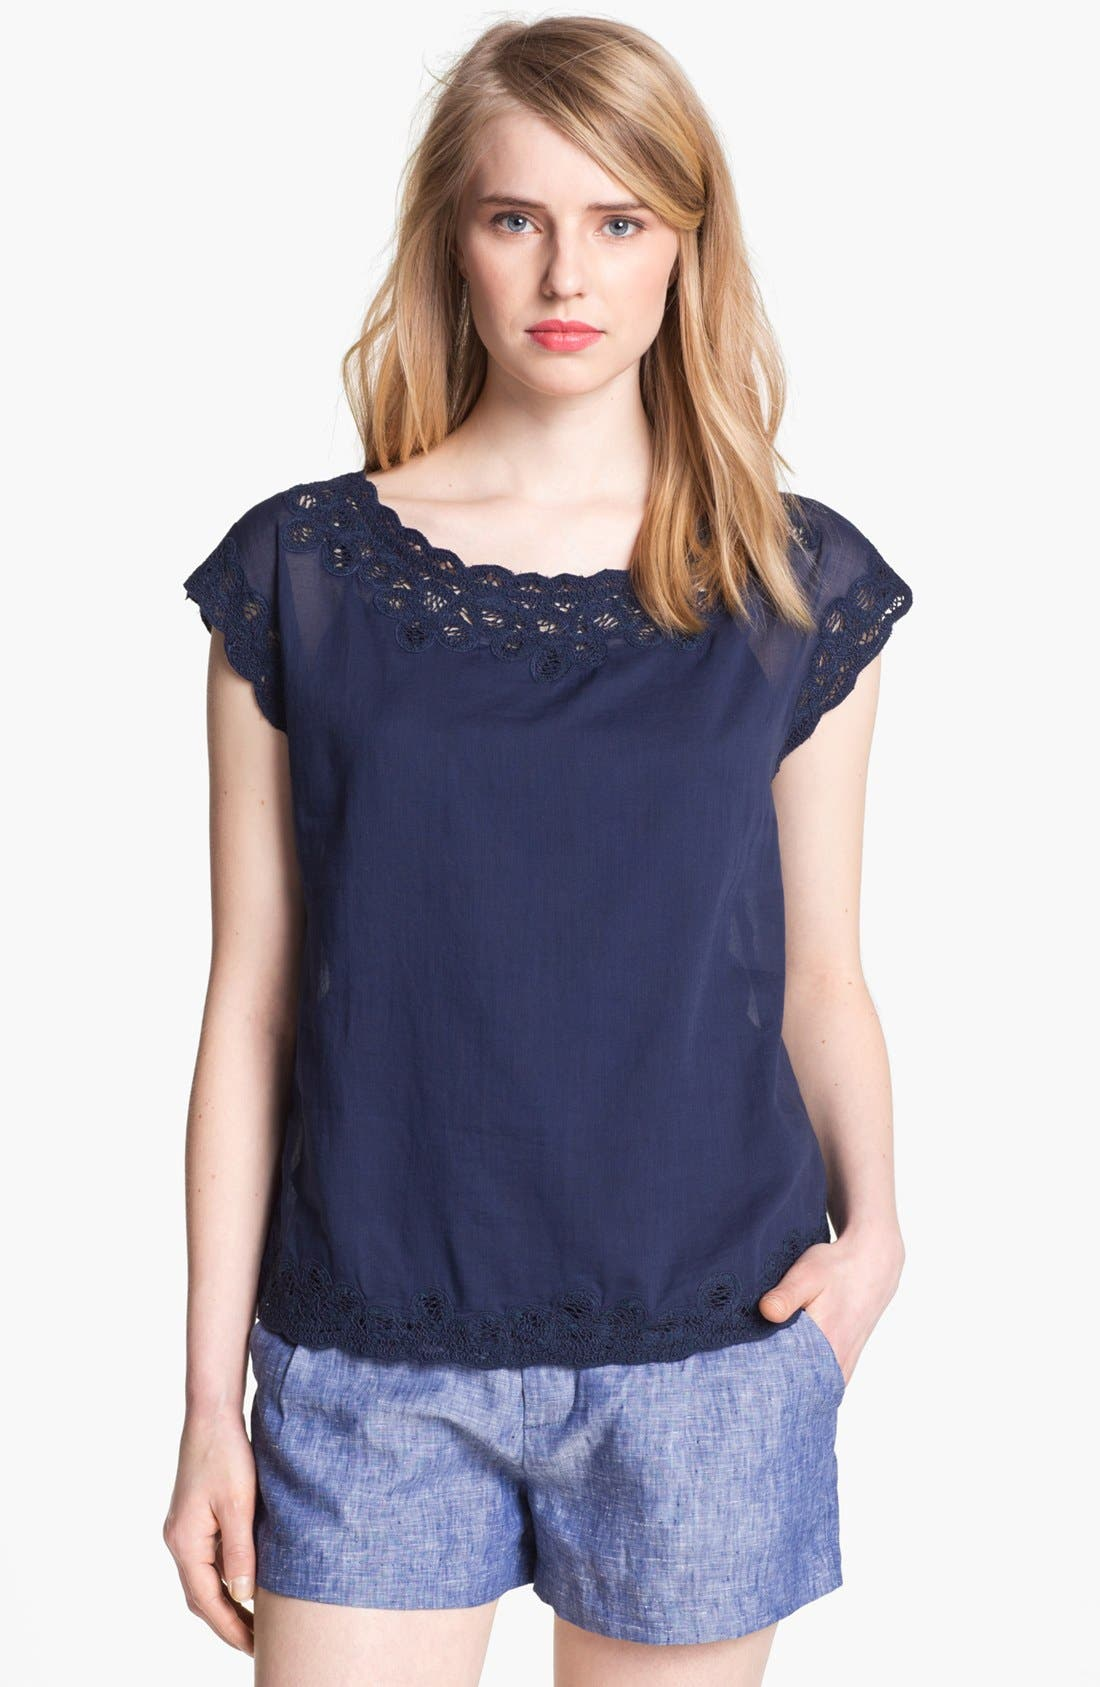 Main Image - Joie 'Belmar' Lace Top